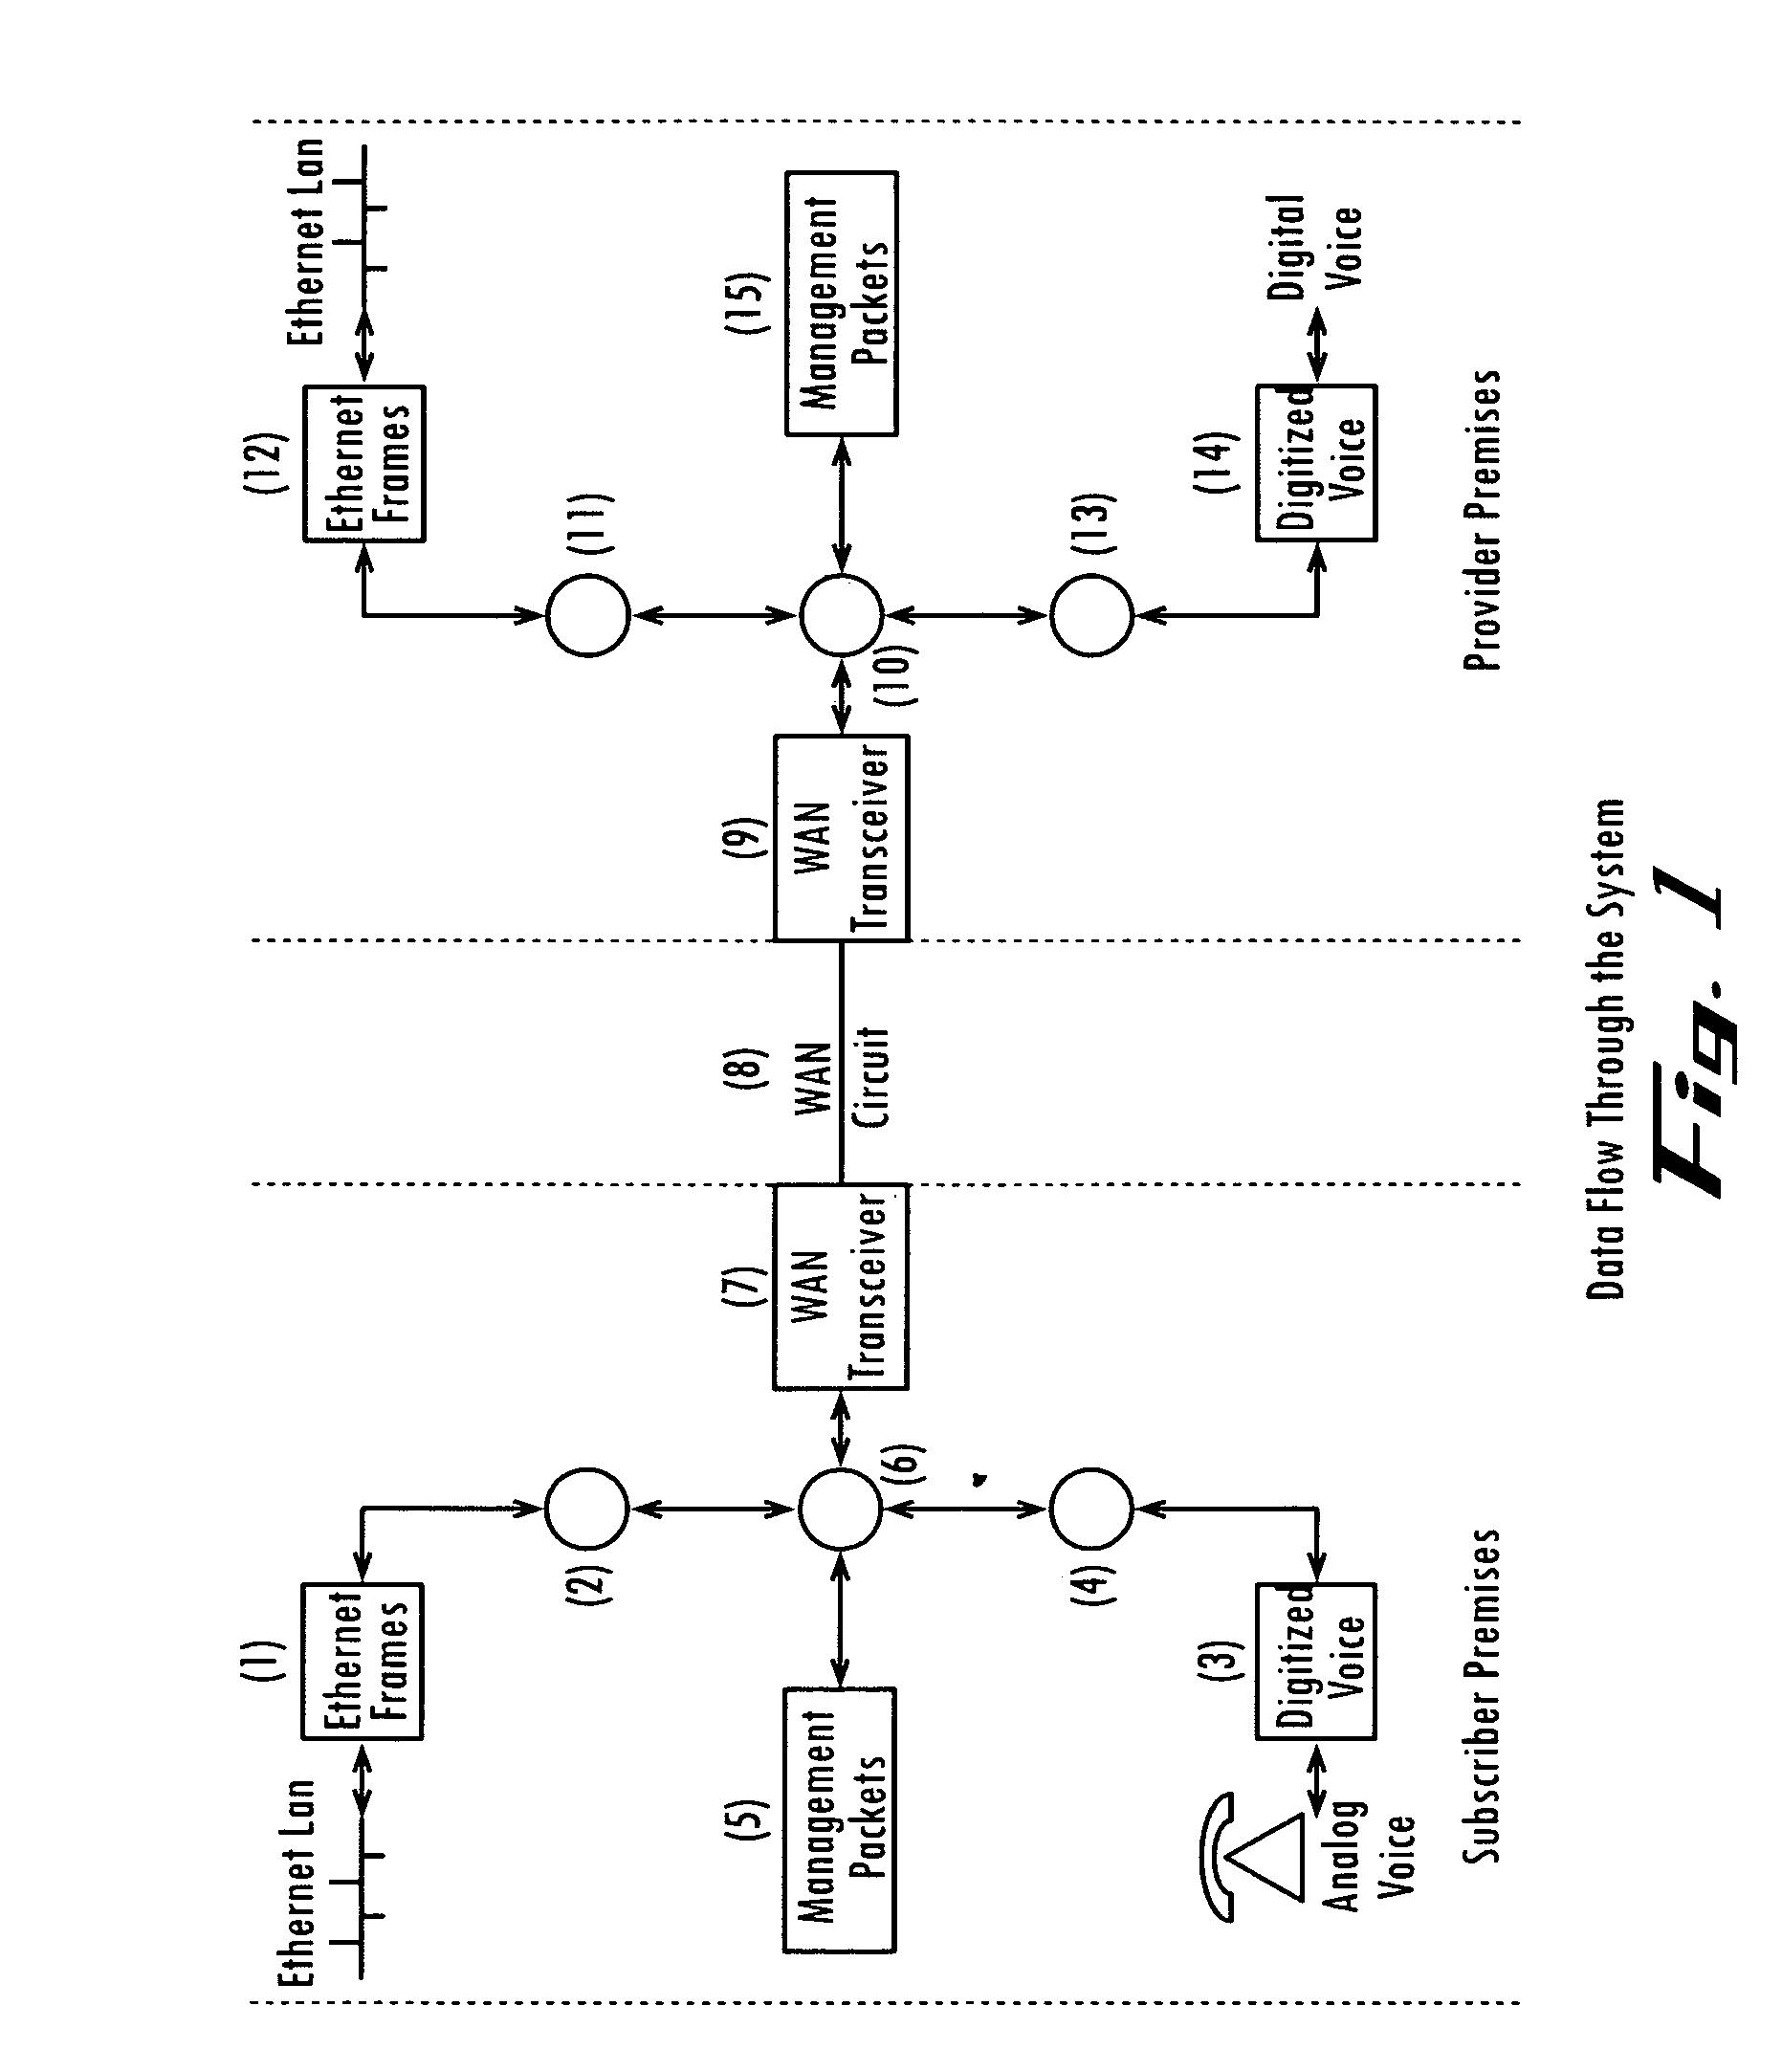 brevetto us7080012